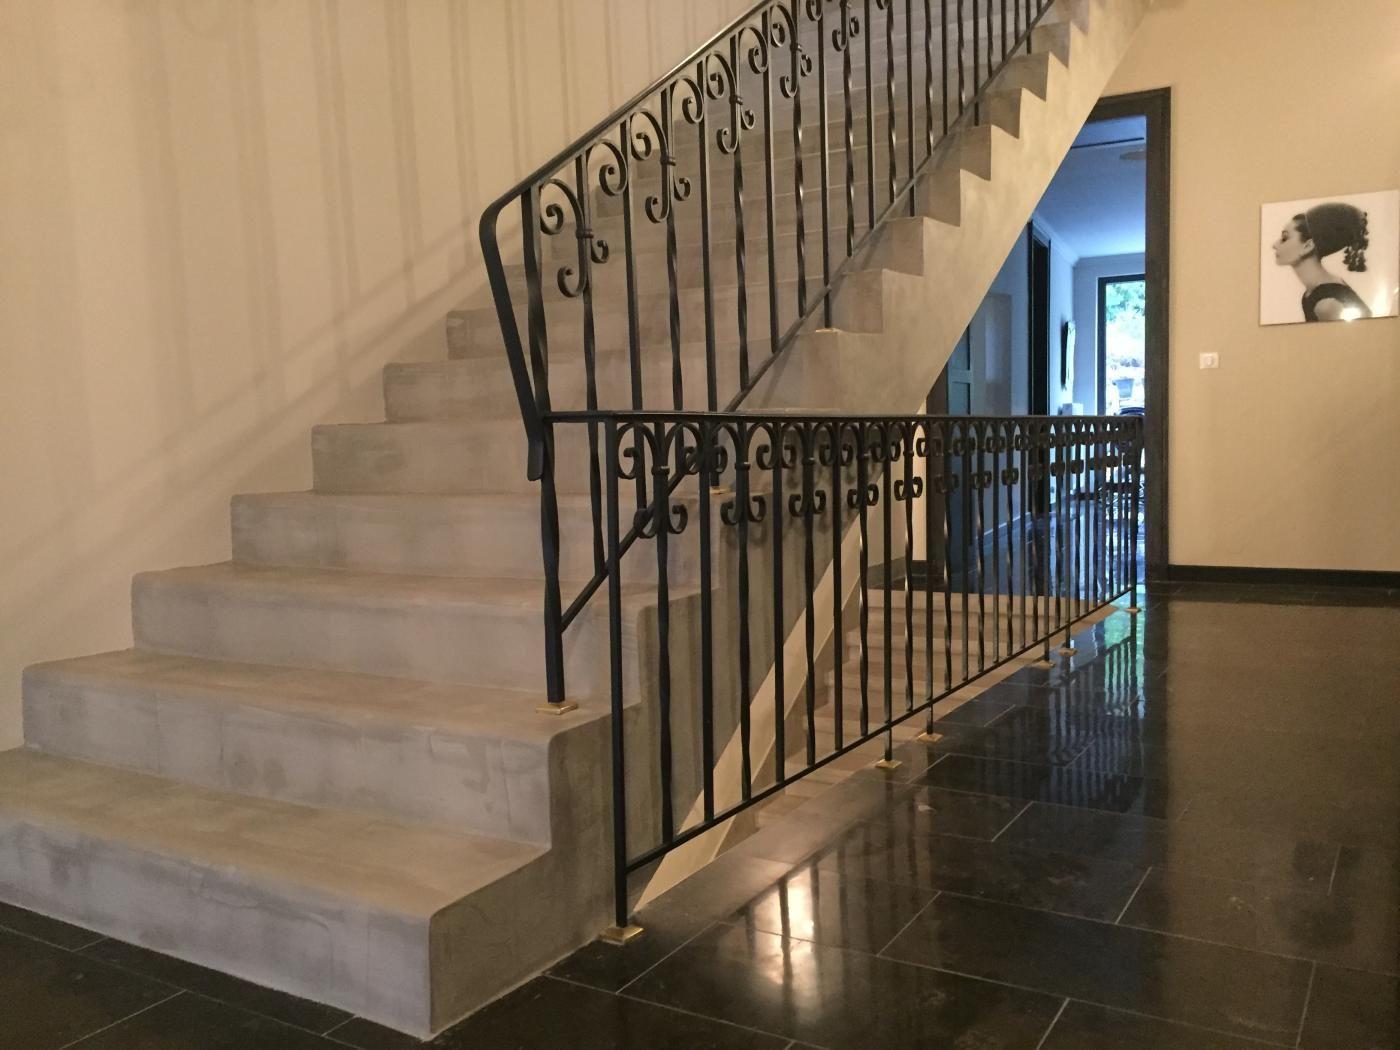 Revetement Escalier Béton : escaliers beton cir sofia escalier escalier beton cir escalier beton et revetement escalier ~ Nature-et-papiers.com Idées de Décoration